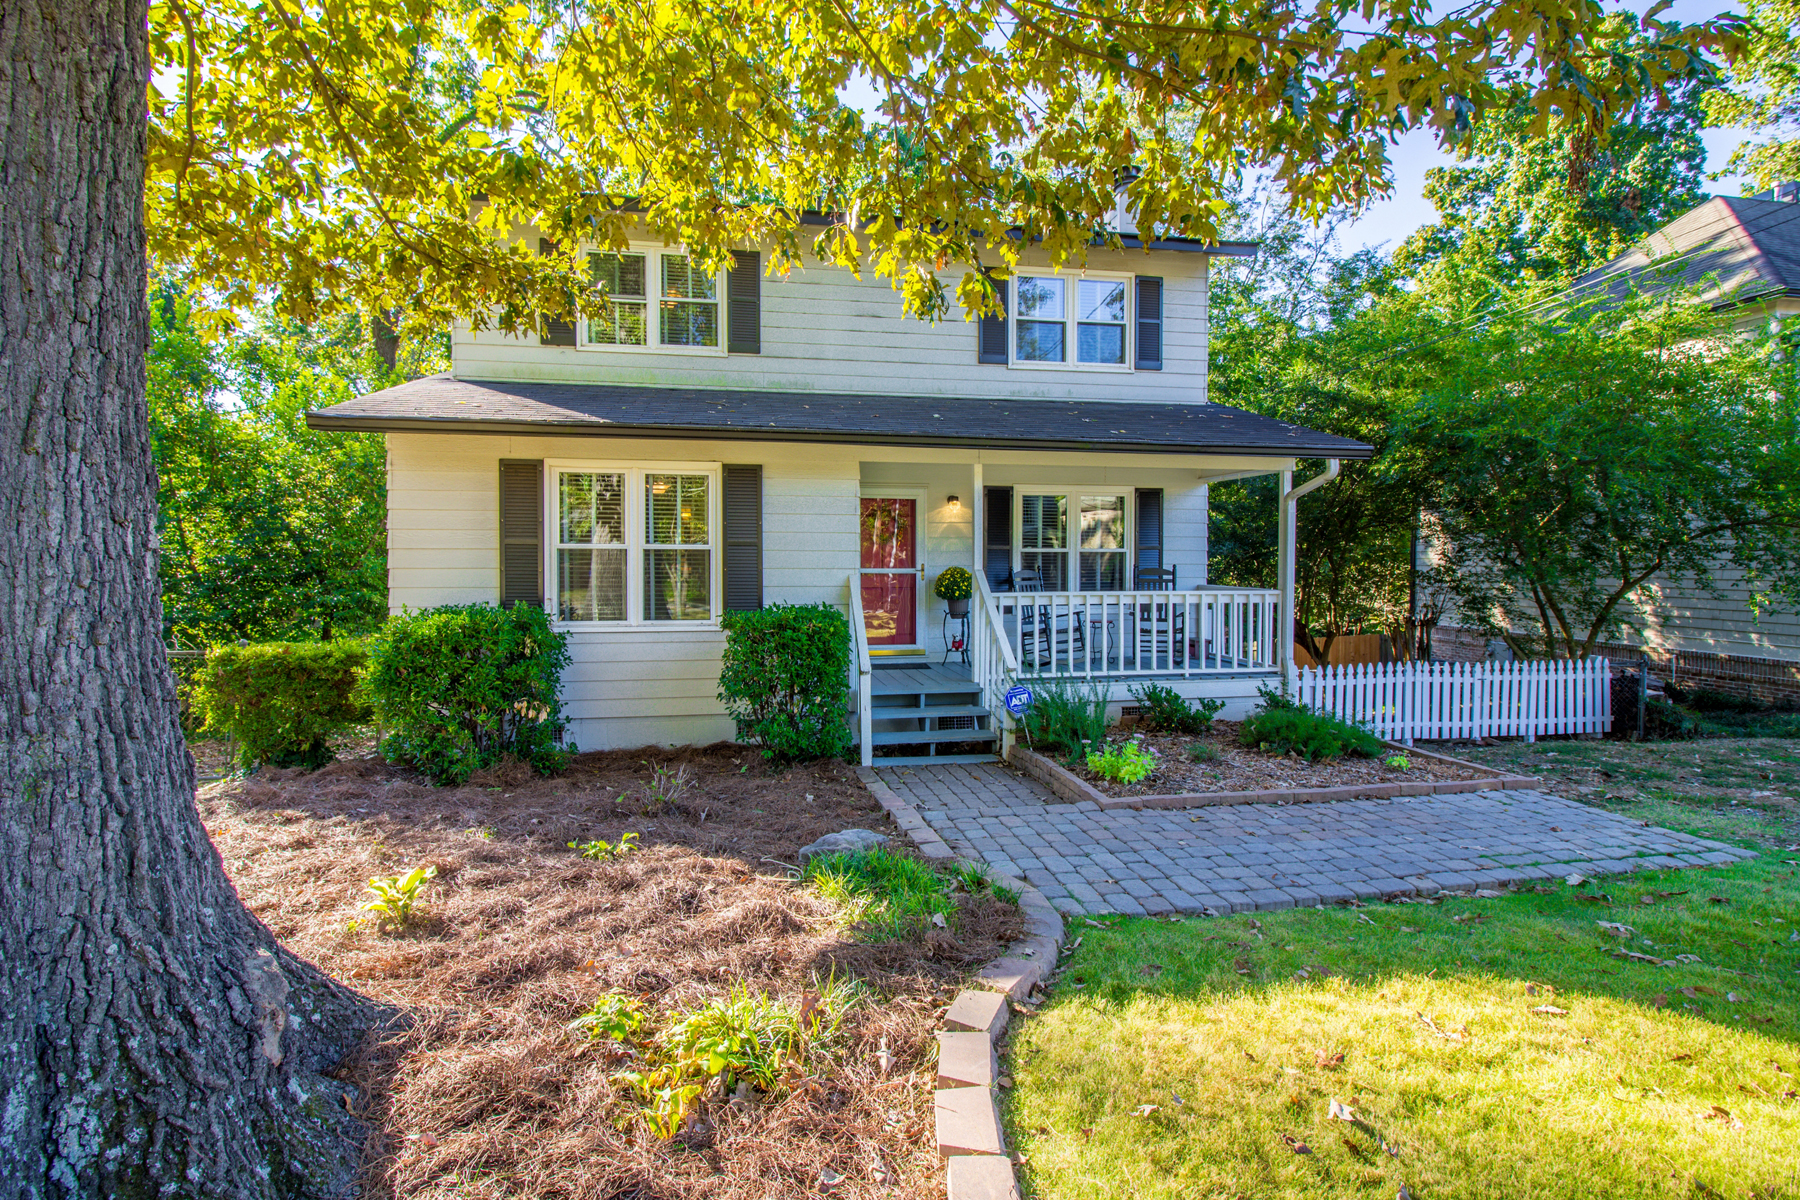 Casa para uma família para Venda às Charming And Spacious Bungalow In Brookhaven 1799 Georgian Terrace Ashford Park, Atlanta, Geórgia, 30341 Estados Unidos